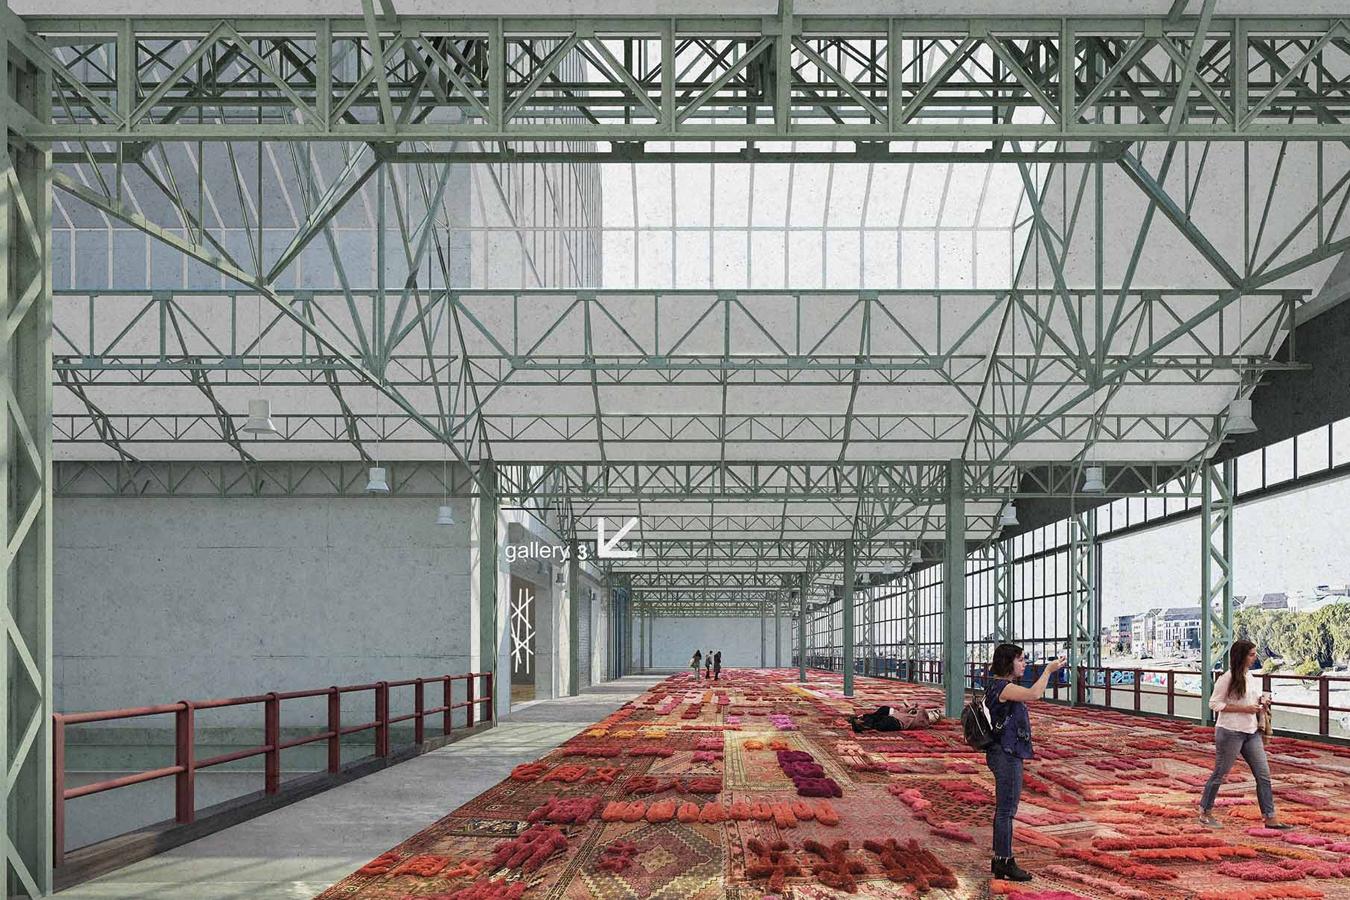 El interior del edificio dialogo con su entorno